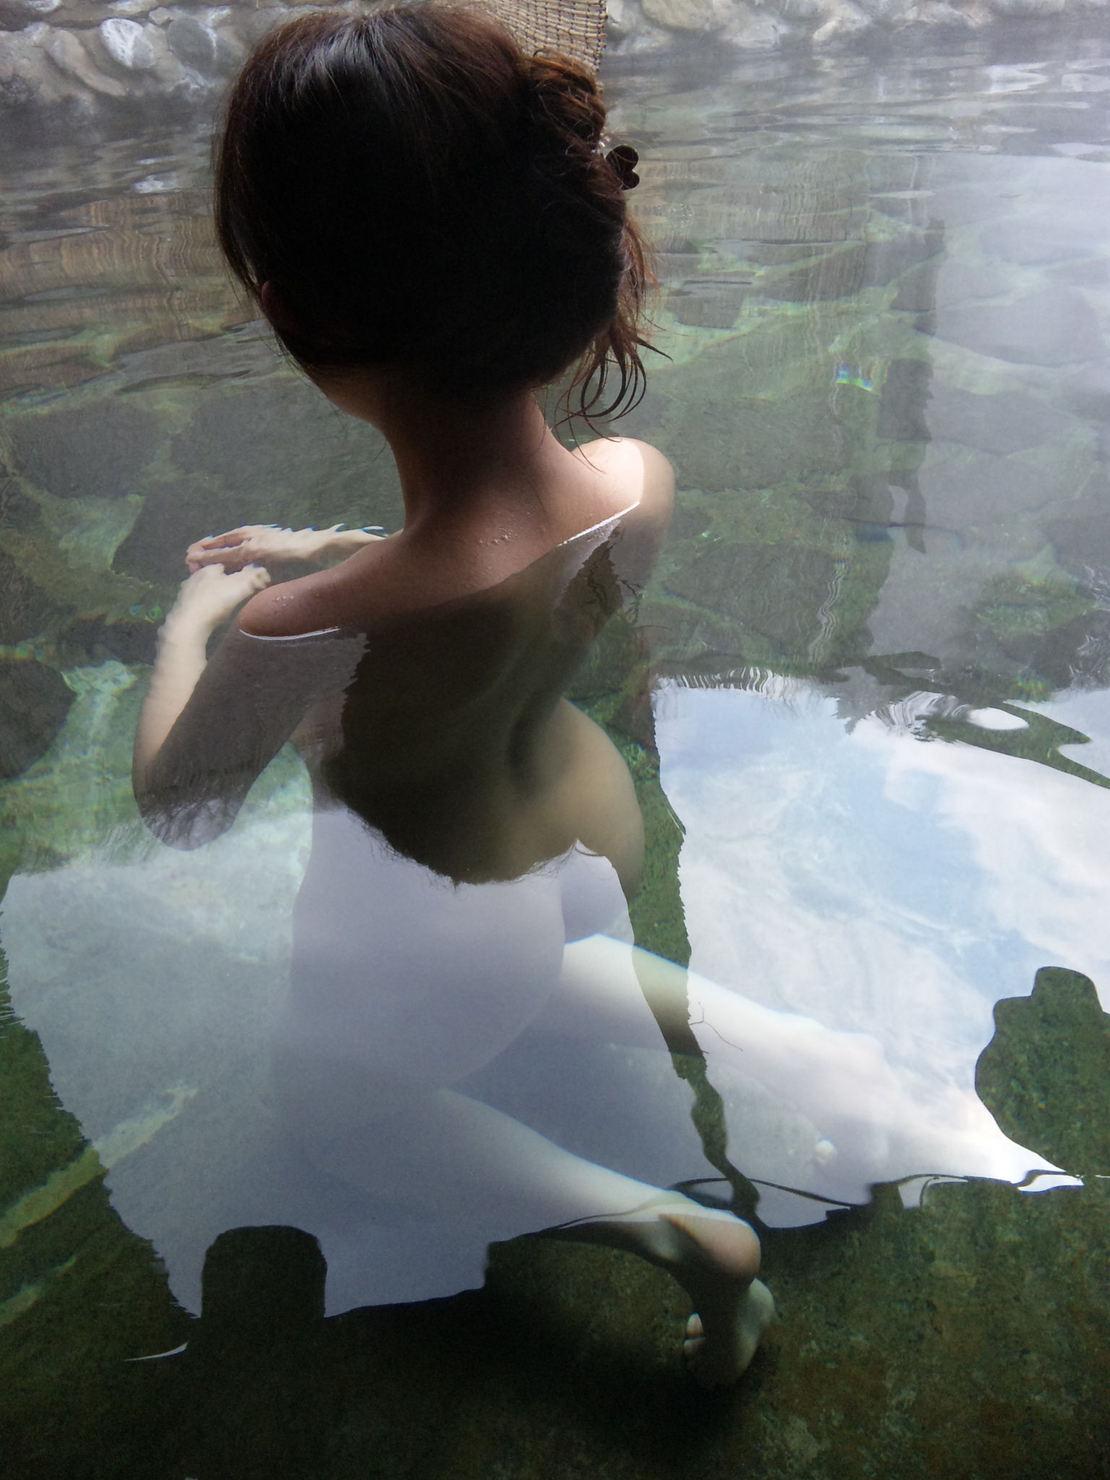 一緒にお風呂に入りたい!入浴中のお姉さんのエロ画像 75